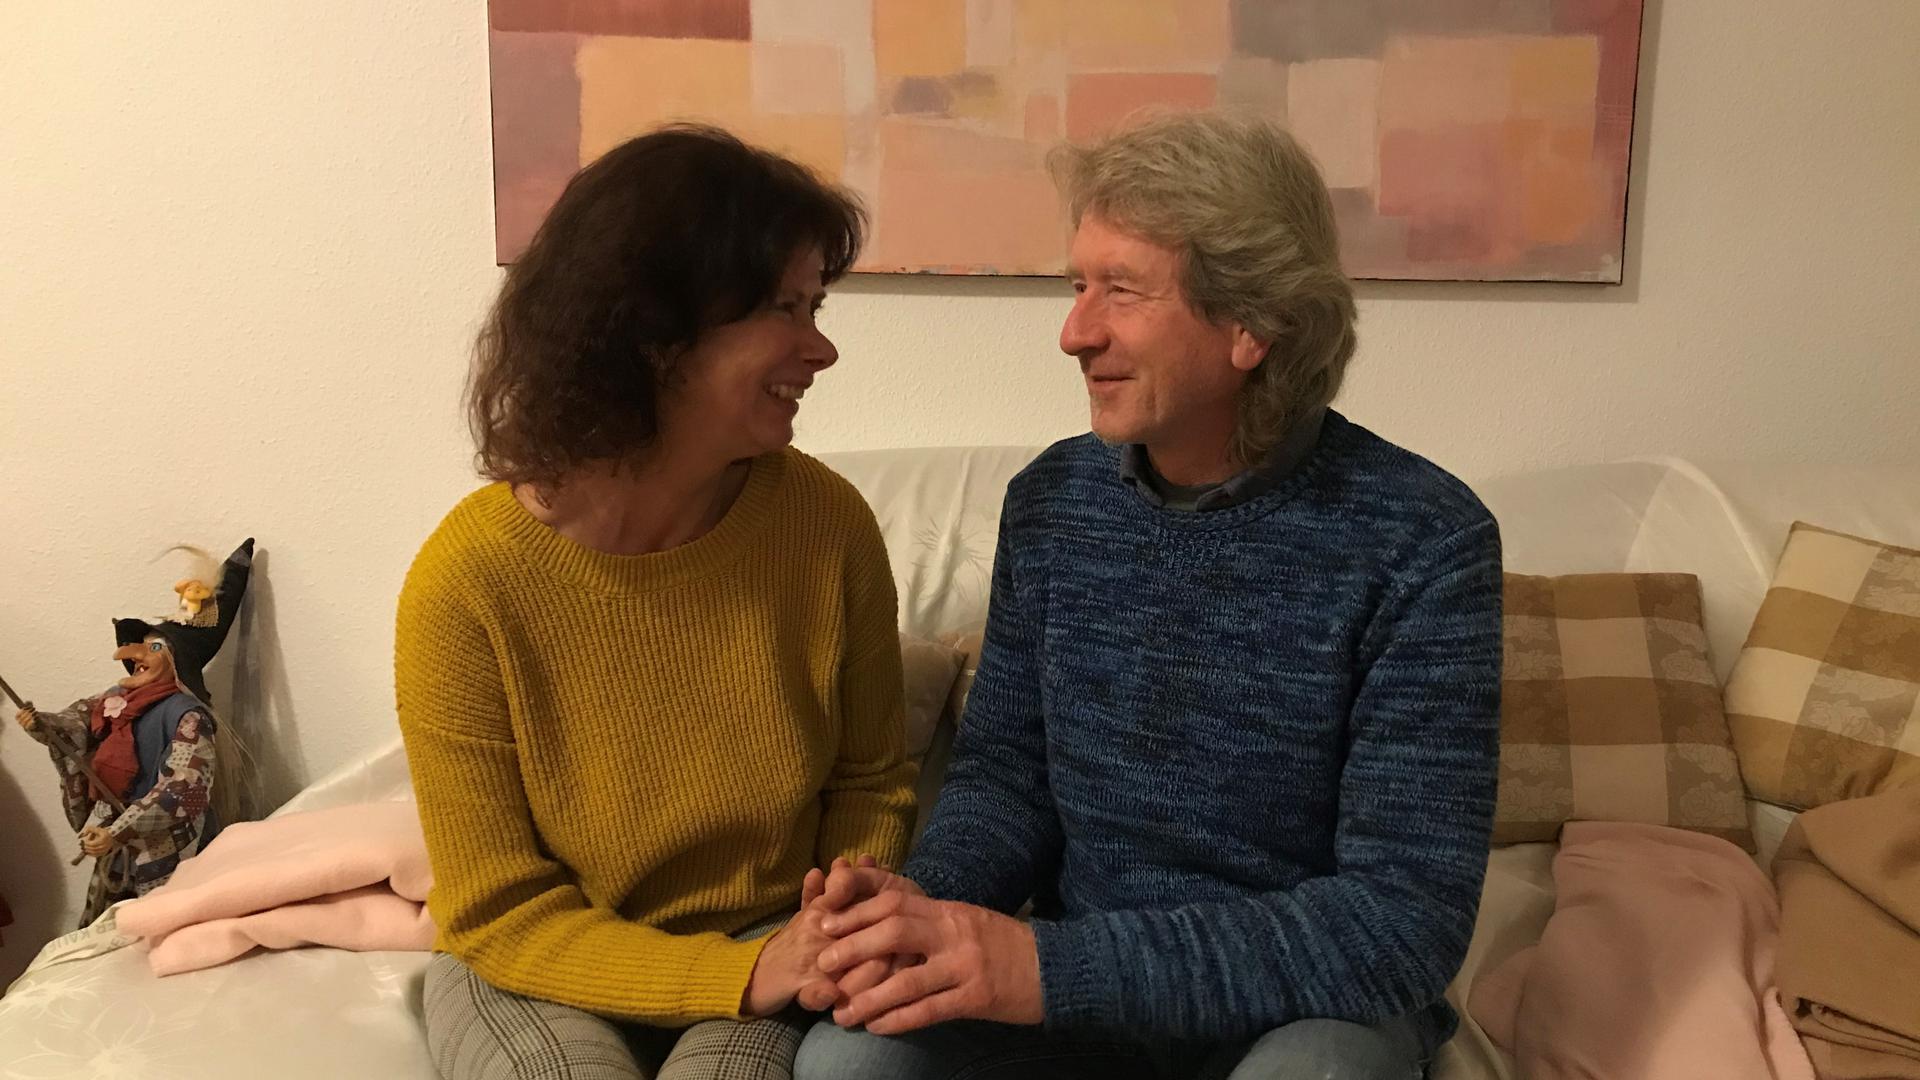 Eine Frau und ein Mann sitzen sich gegenüber